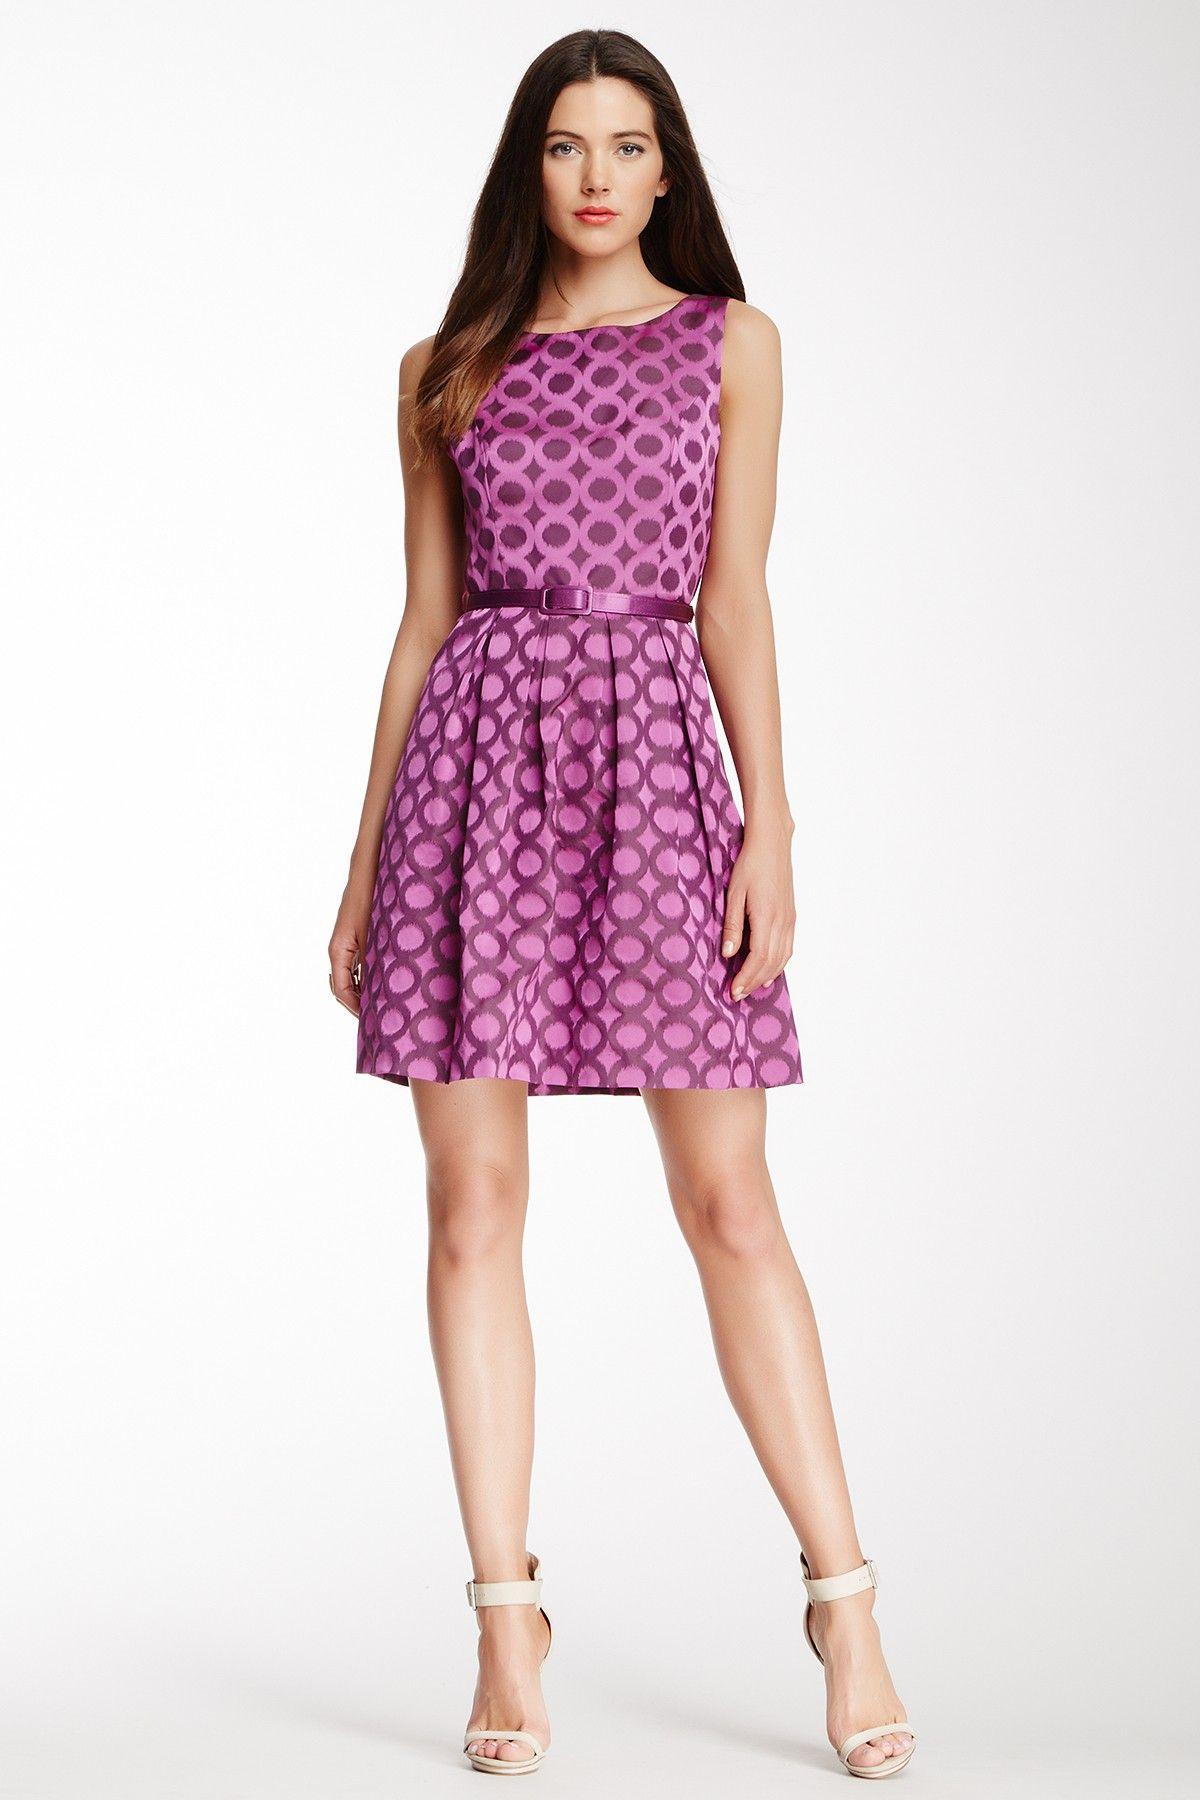 love this dress | Shhh | Pinterest | Vestiditos, Vestido morado y ...